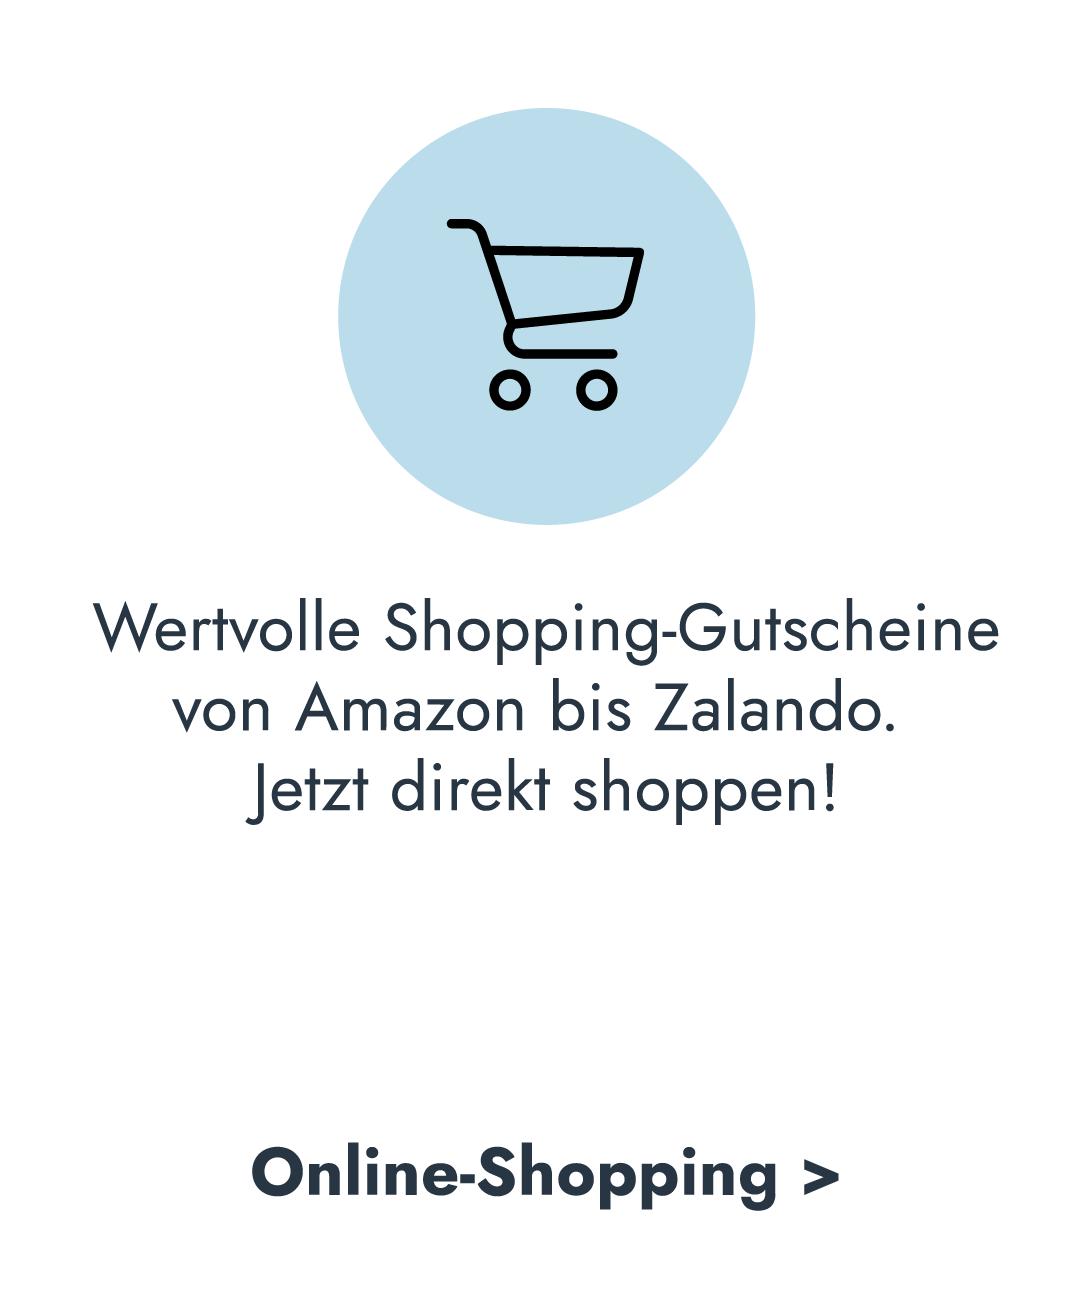 Wertvolle Shopping-Gutscheine - Meilen sammeln und einlösen - Amazon oder Zalando